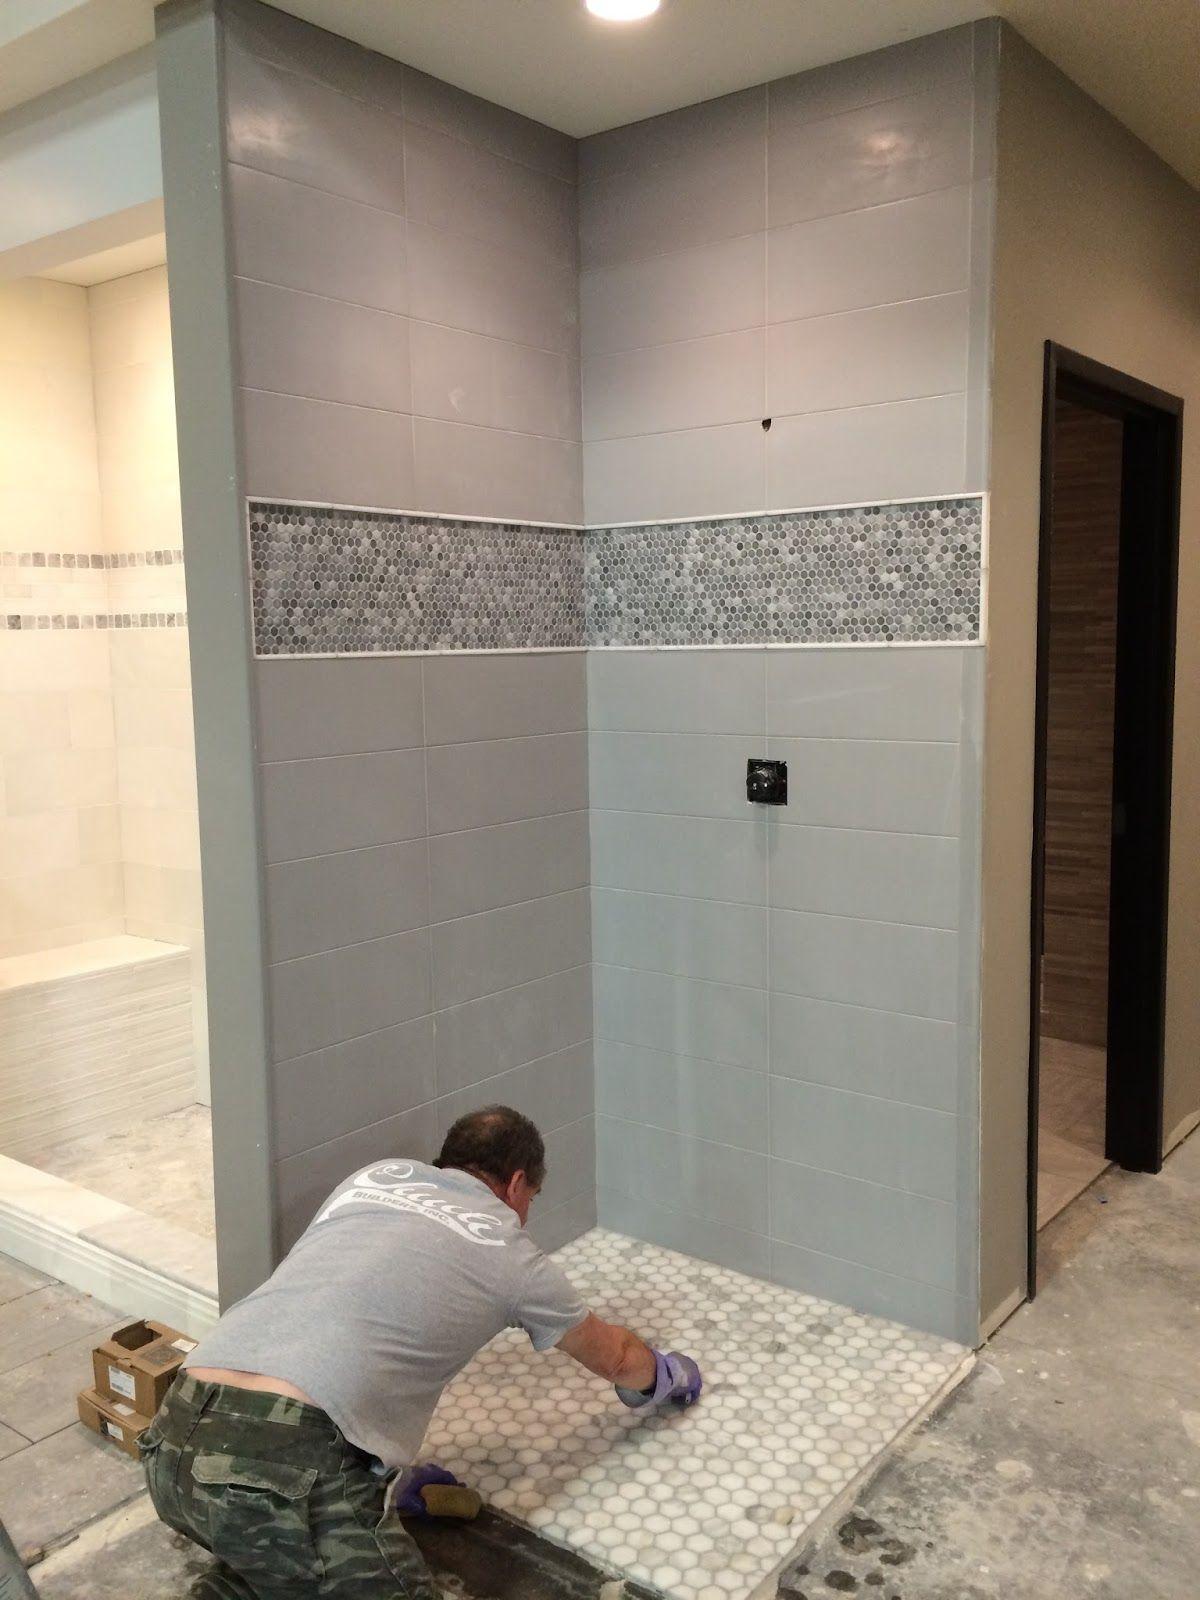 Marta Gris Porcelain Wall Tile Shower